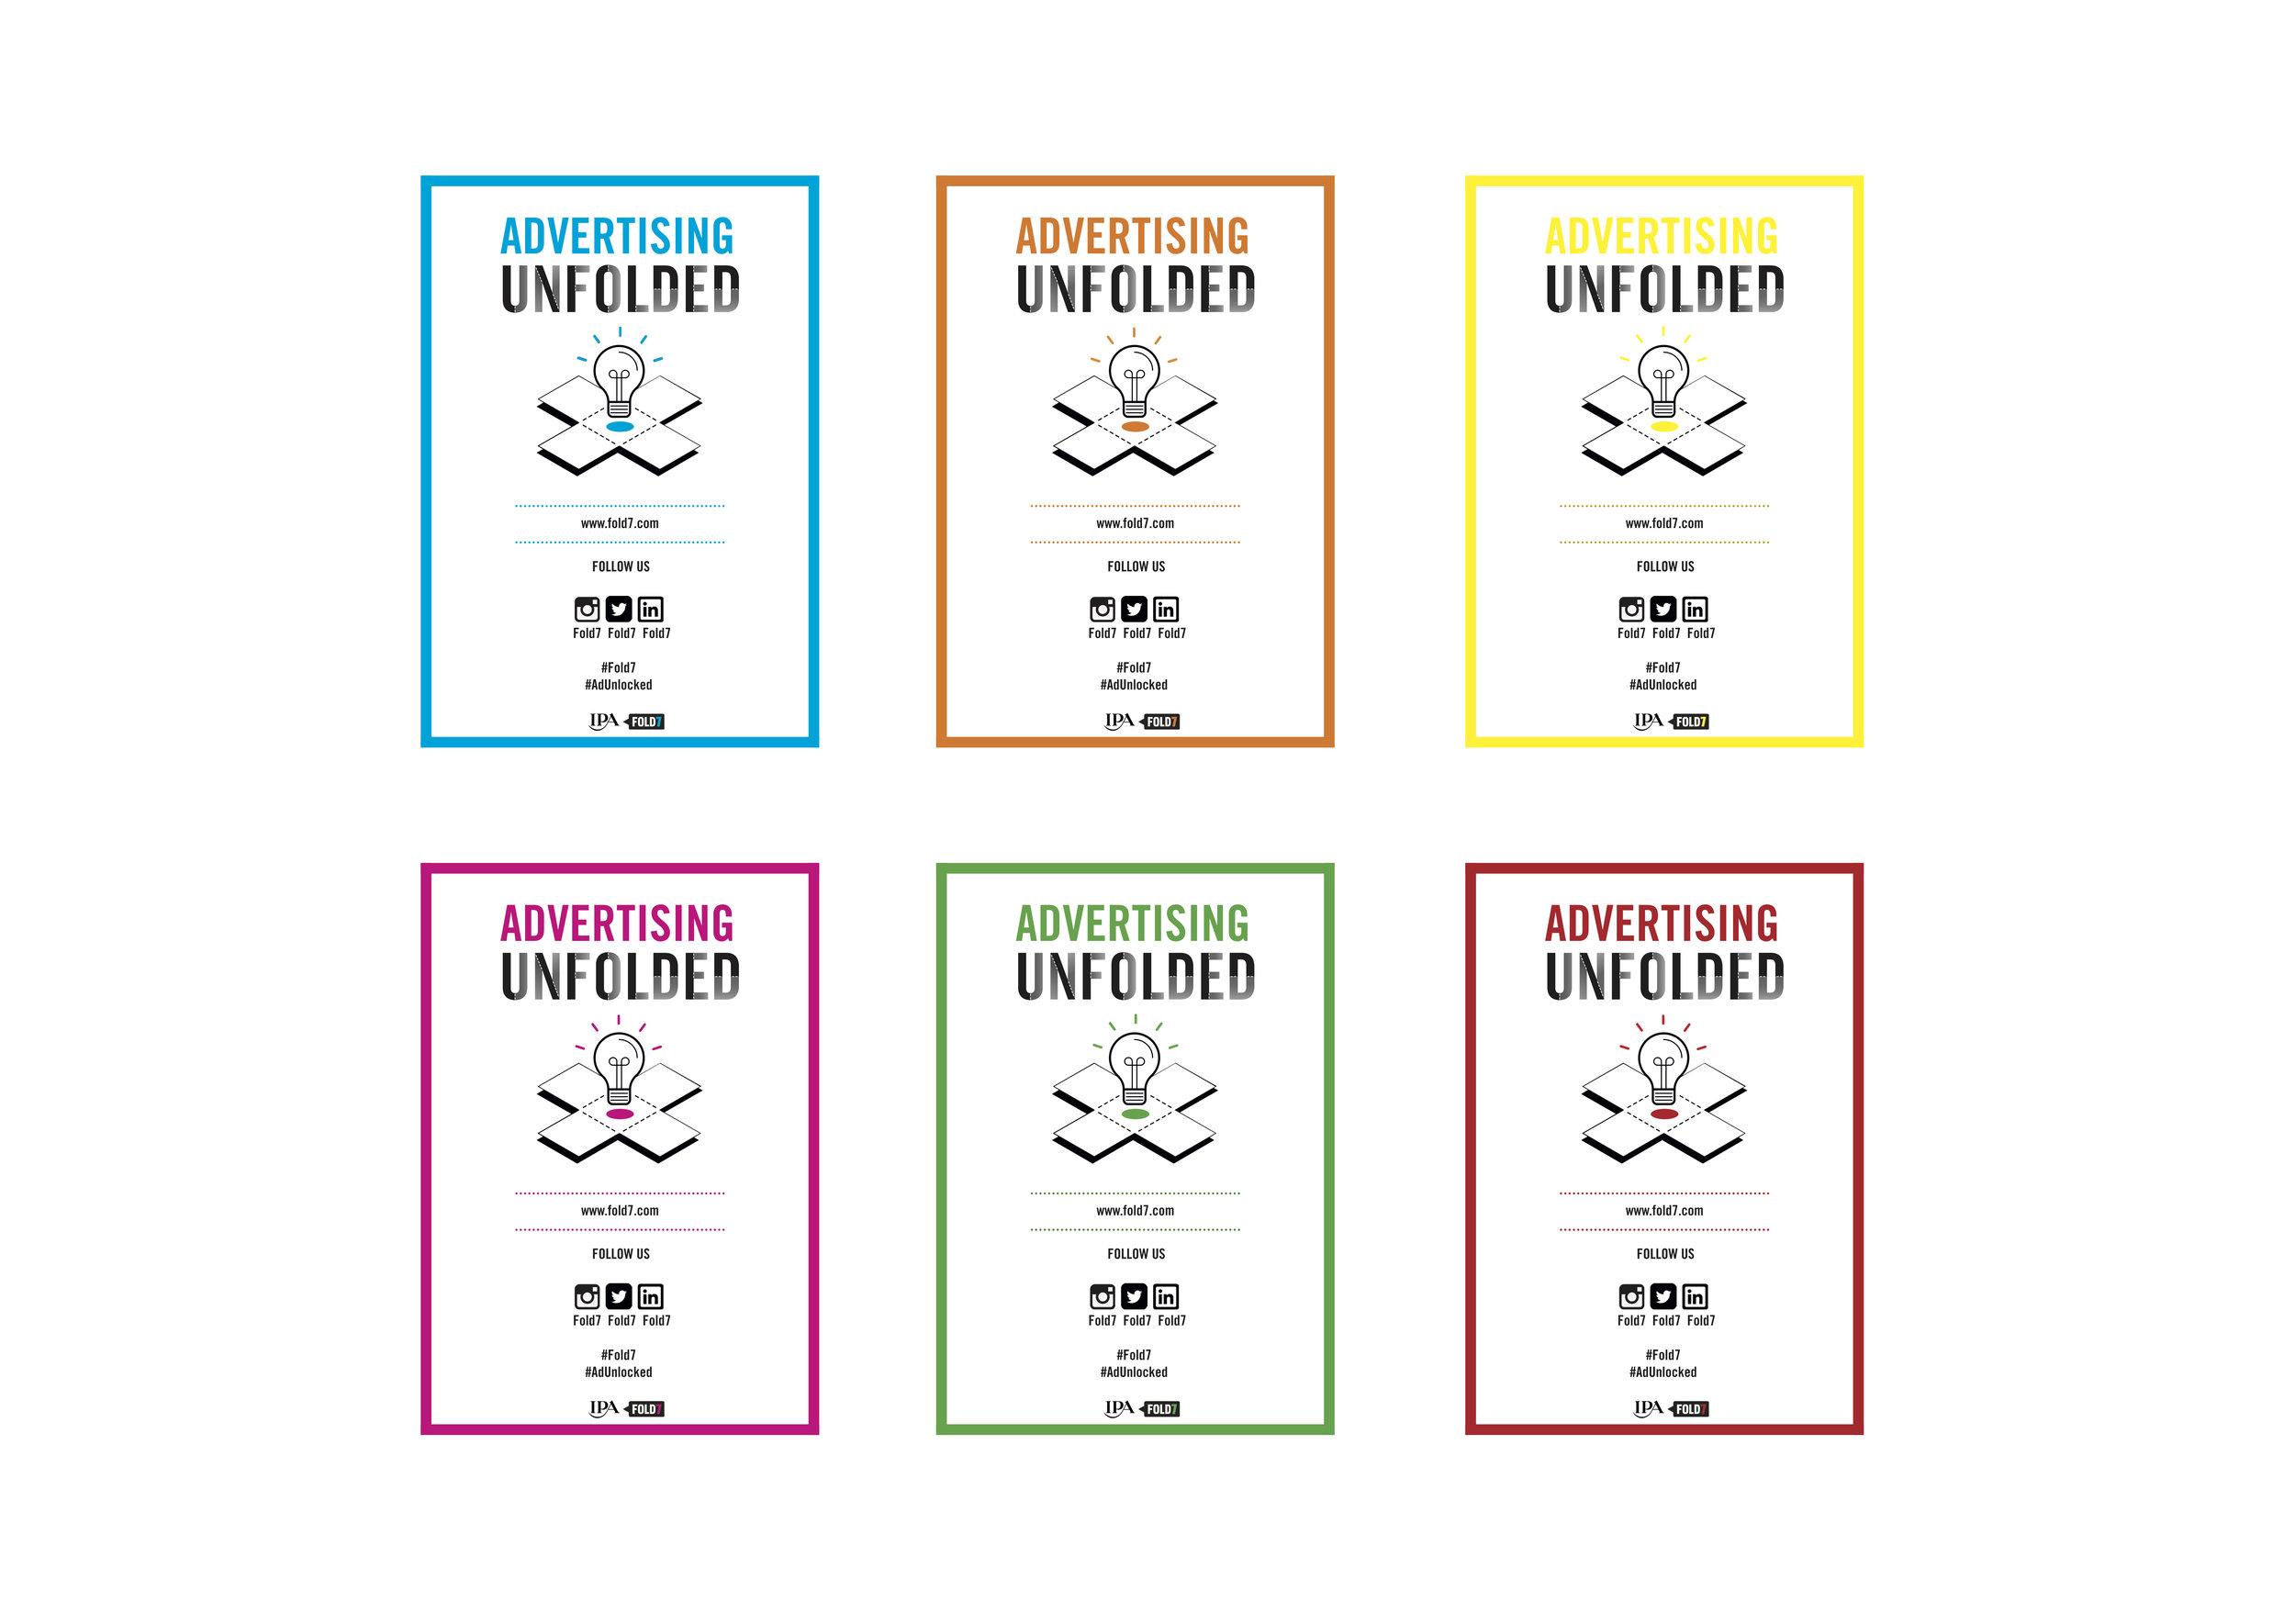 Unfoldedcardsbackcrop.jpg